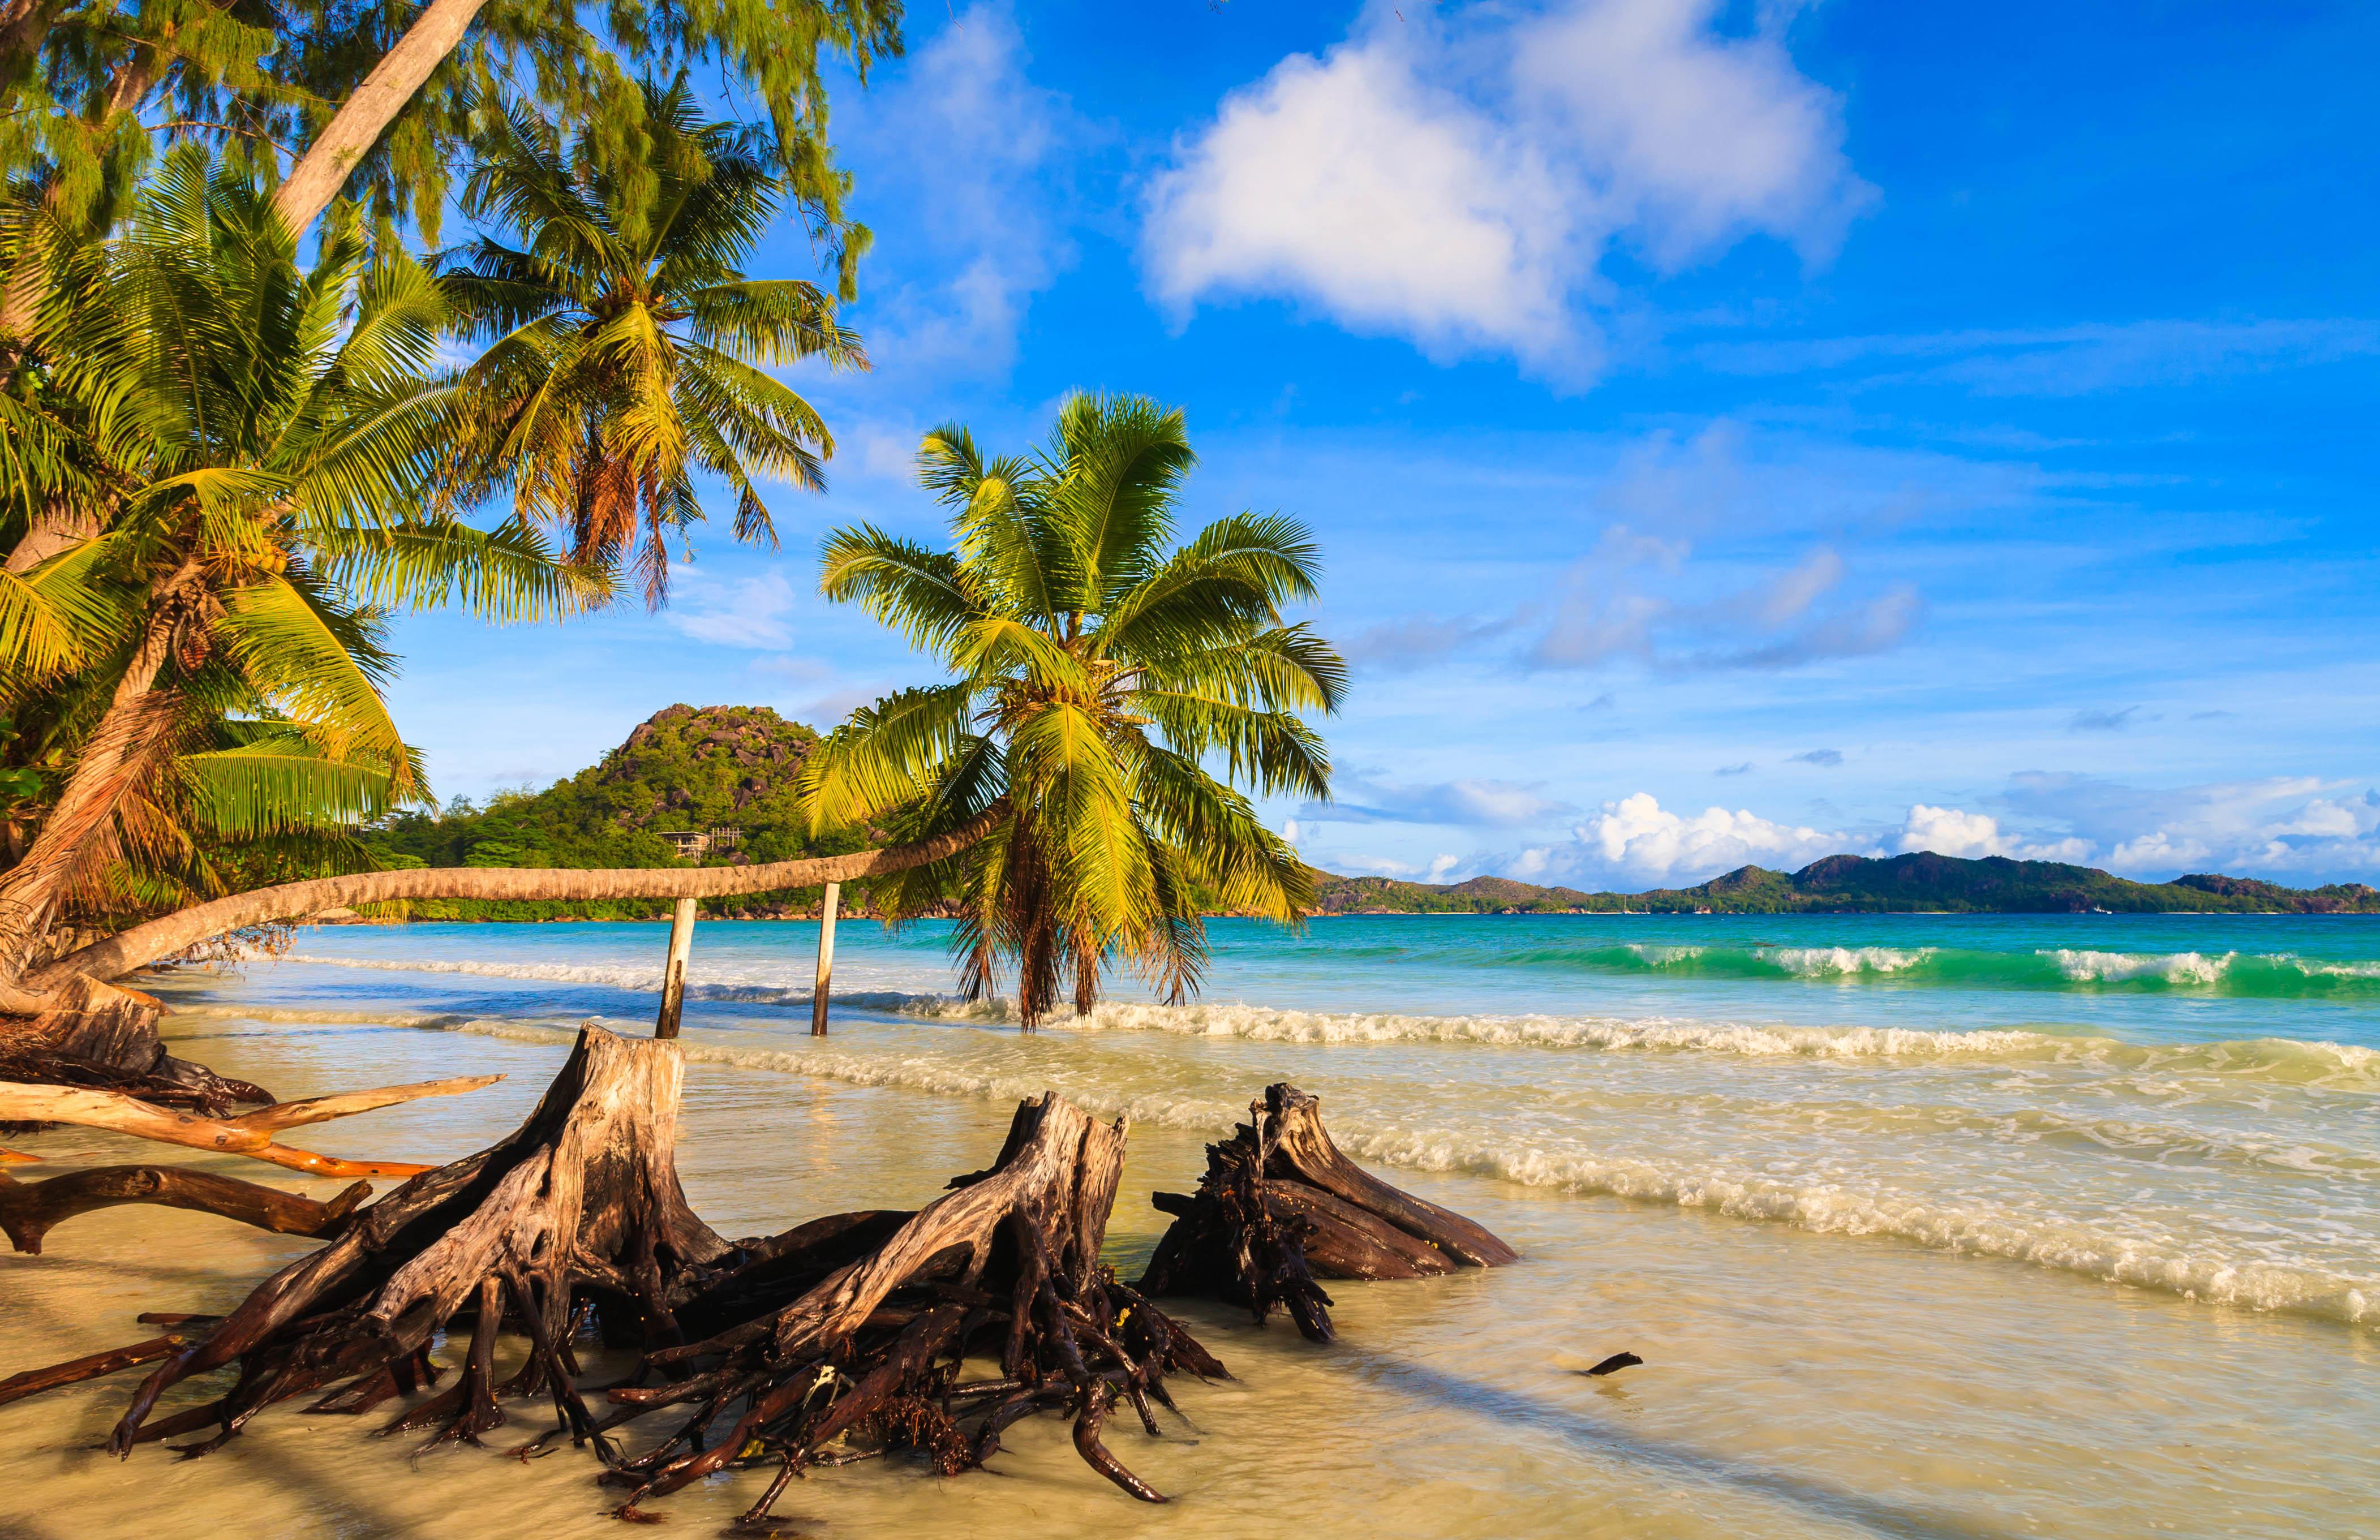 Обои Praslin, Seychelles, Сейшельские острова, море